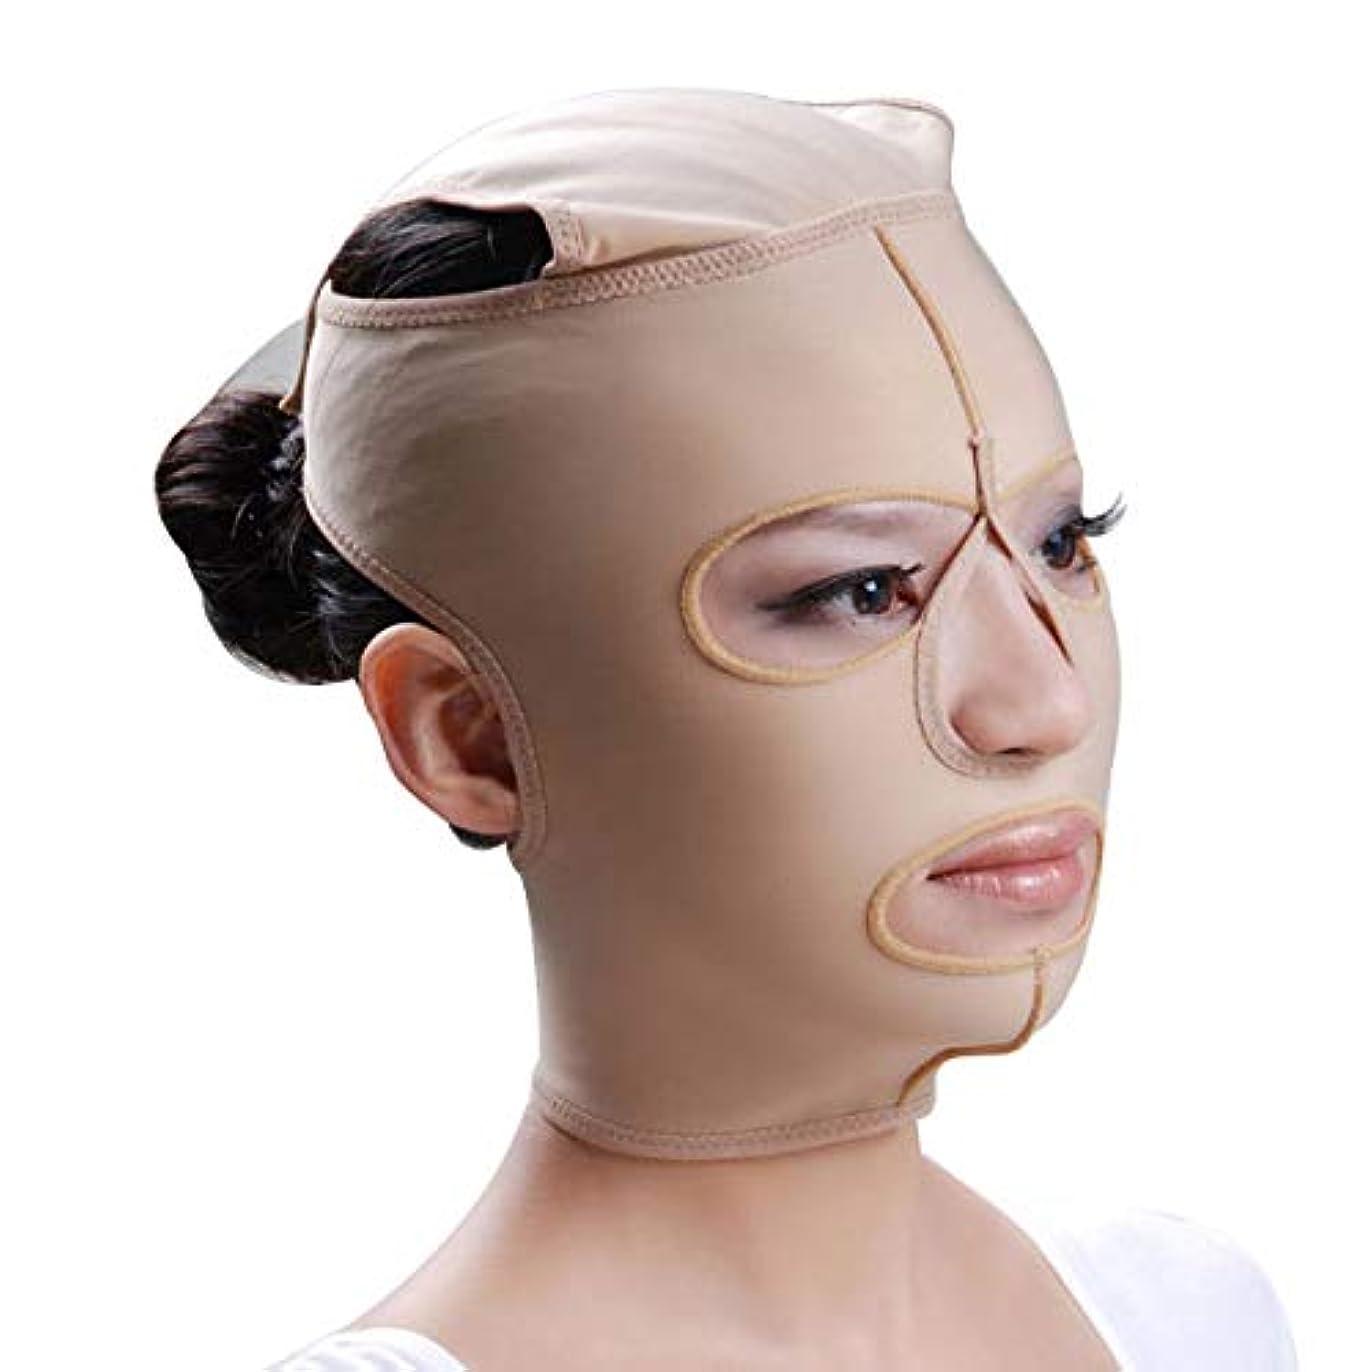 要求ストリップ物語XHLMRMJ 引き締めフェイスマスク、フェイシャルマスク弾性フェイスリフティングリフティング引き締めパターンマイクロ仕上げポストモデリング圧縮フェイスマスク (Size : S)